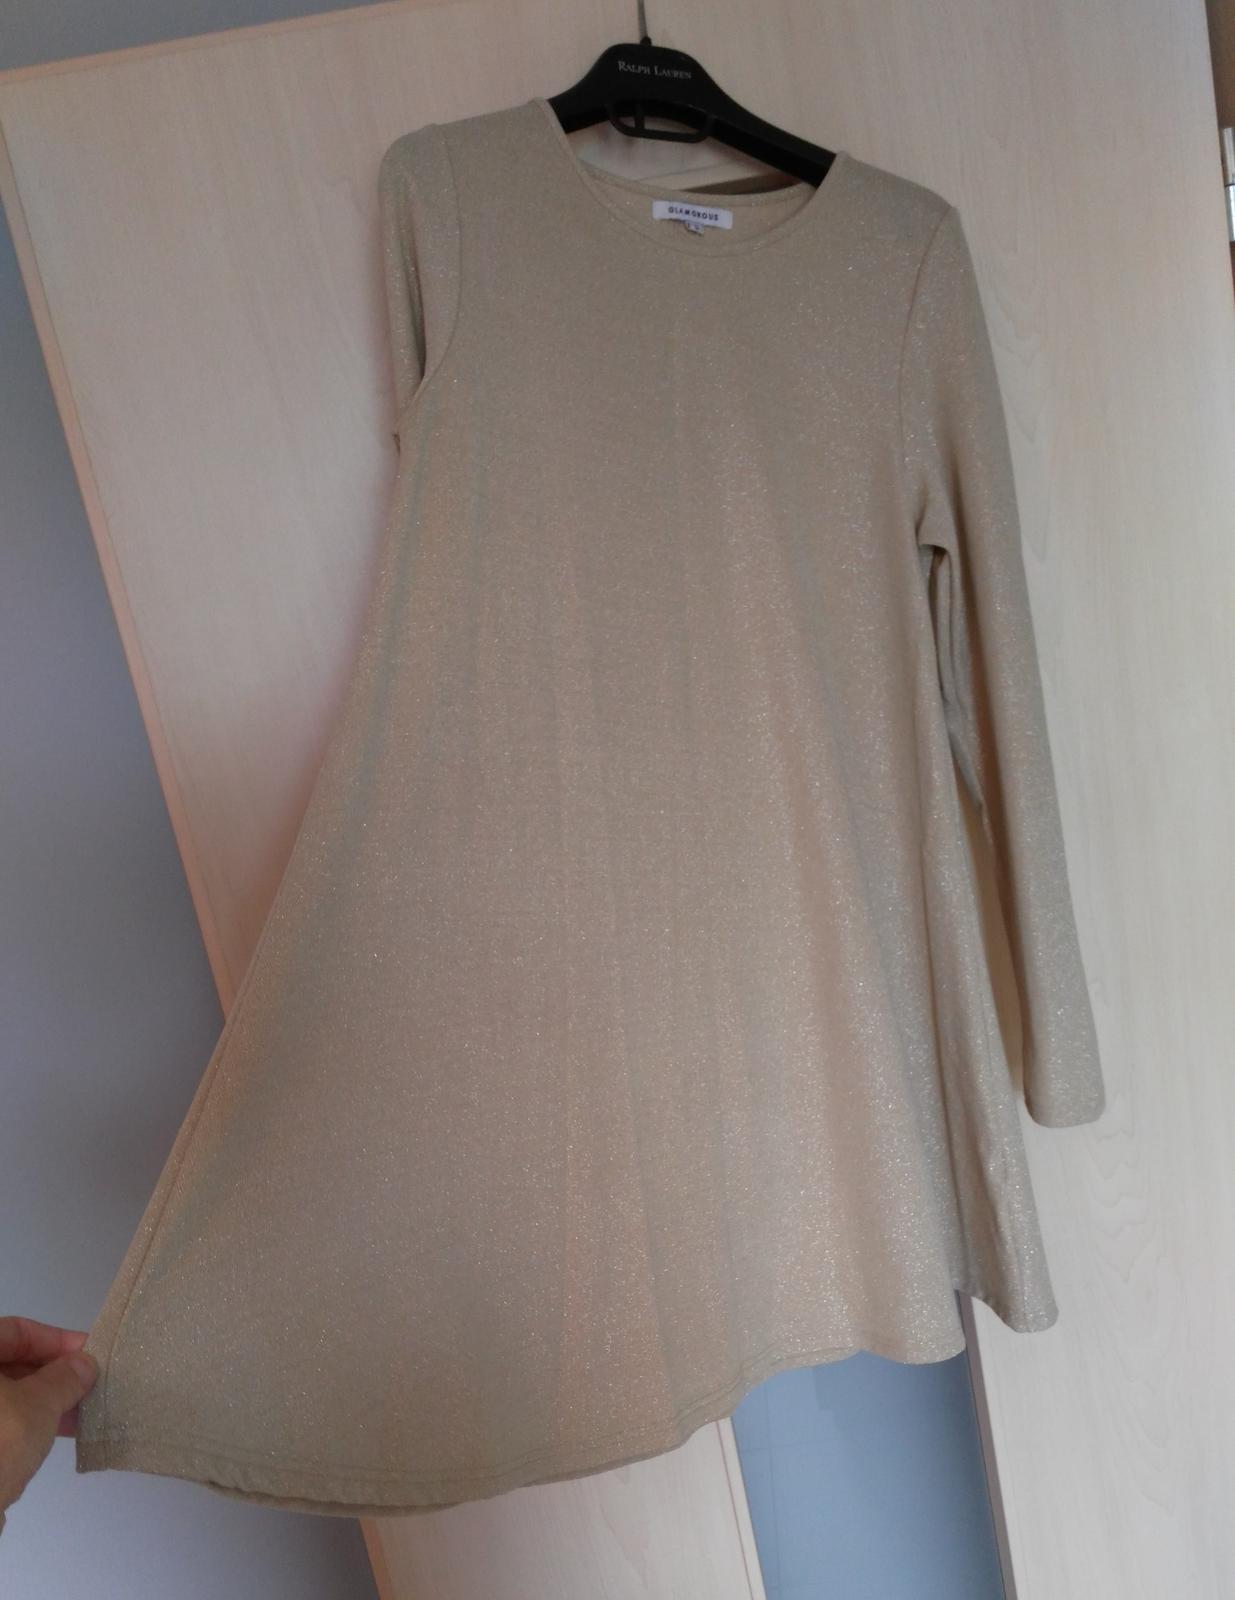 Béžovo-strieborné šaty 36/S - Obrázok č. 2